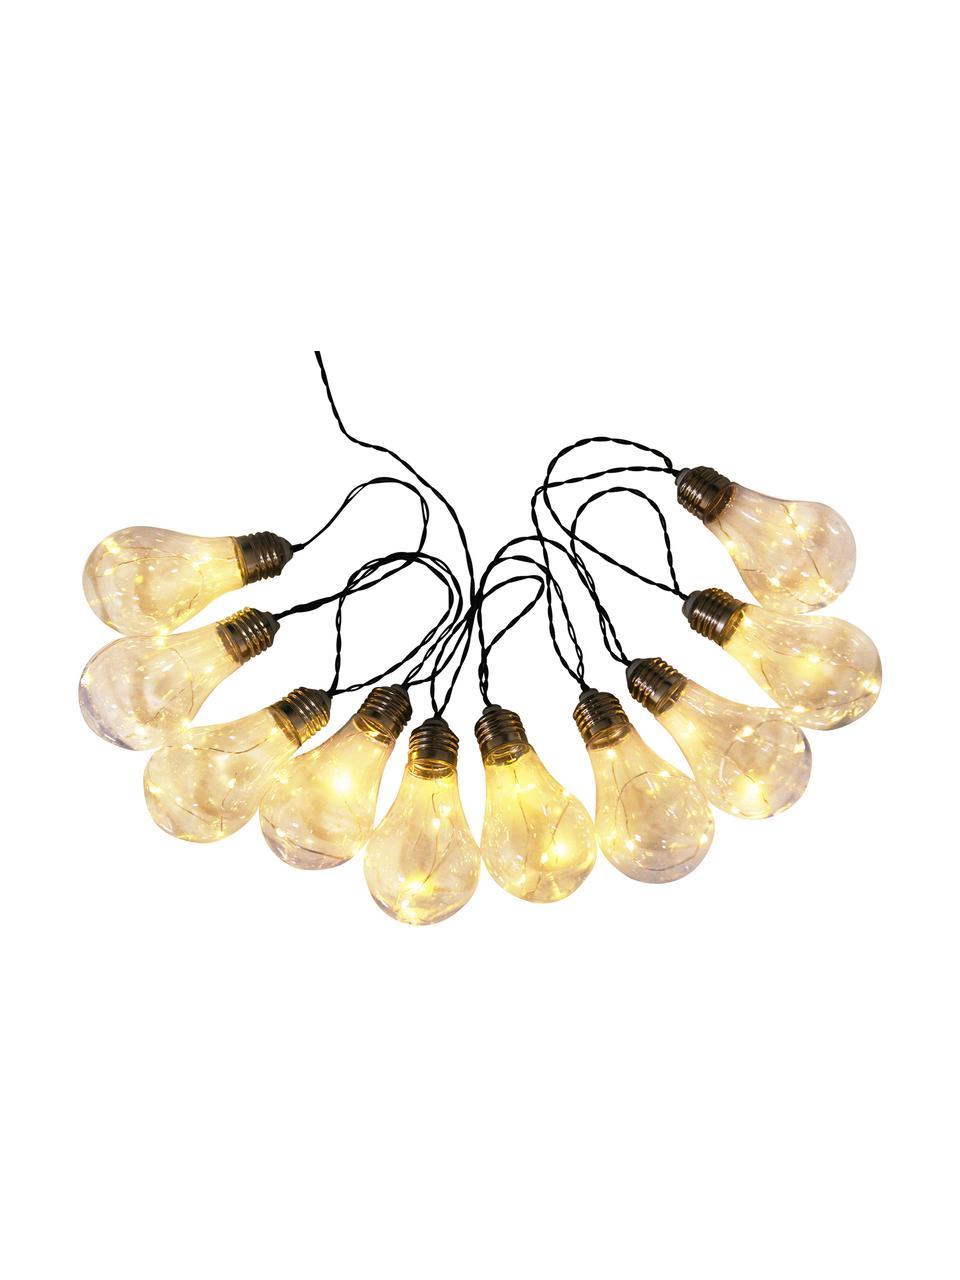 Ghirlanda solare a LED Martin, 300 cm, 10 lampioni, Lampadine: trasparente con effetto scheggiato Montature: nichel, Lung. 300 cm